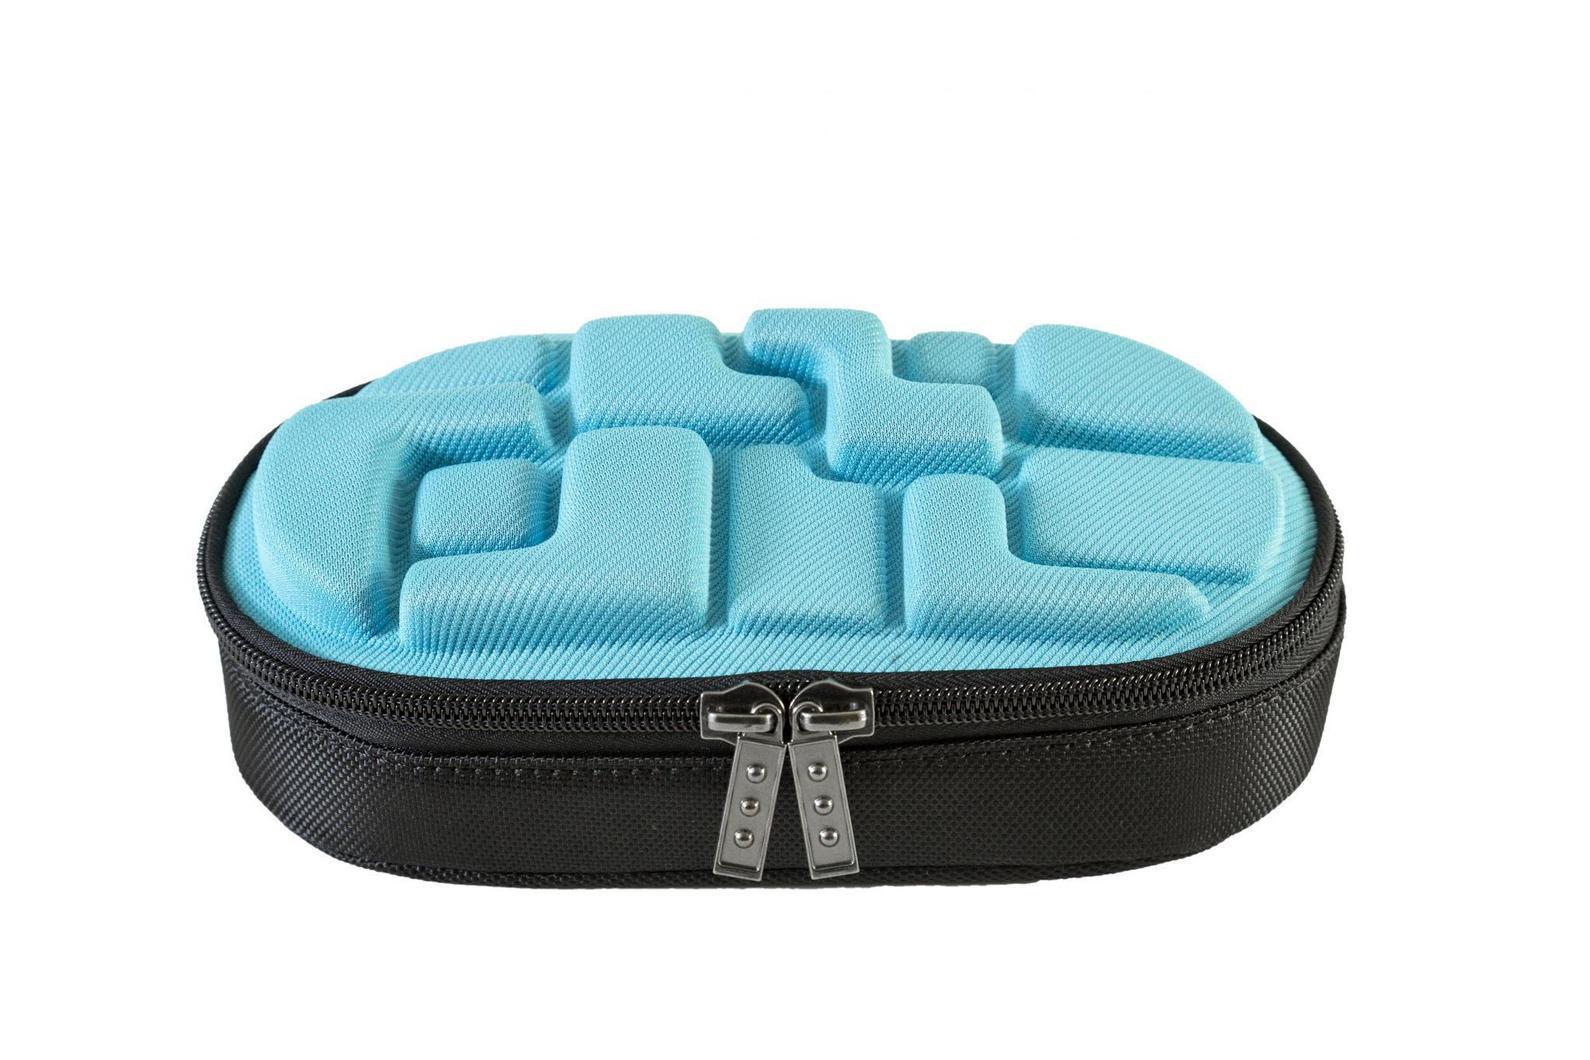 Пенал MadPax LedLox Pencil Case, цвет: голубойKZ24484193Пенал школьный прямоугольный, на молнии, с одним отделением, без наполнения. Стильное оформление в виде кубических форм, прекрасно подходит к рюкзакам коллекции Blok. Необходимый и модный аксессуар для школьников, стремящихся быть оригинальными и неповторимыми.